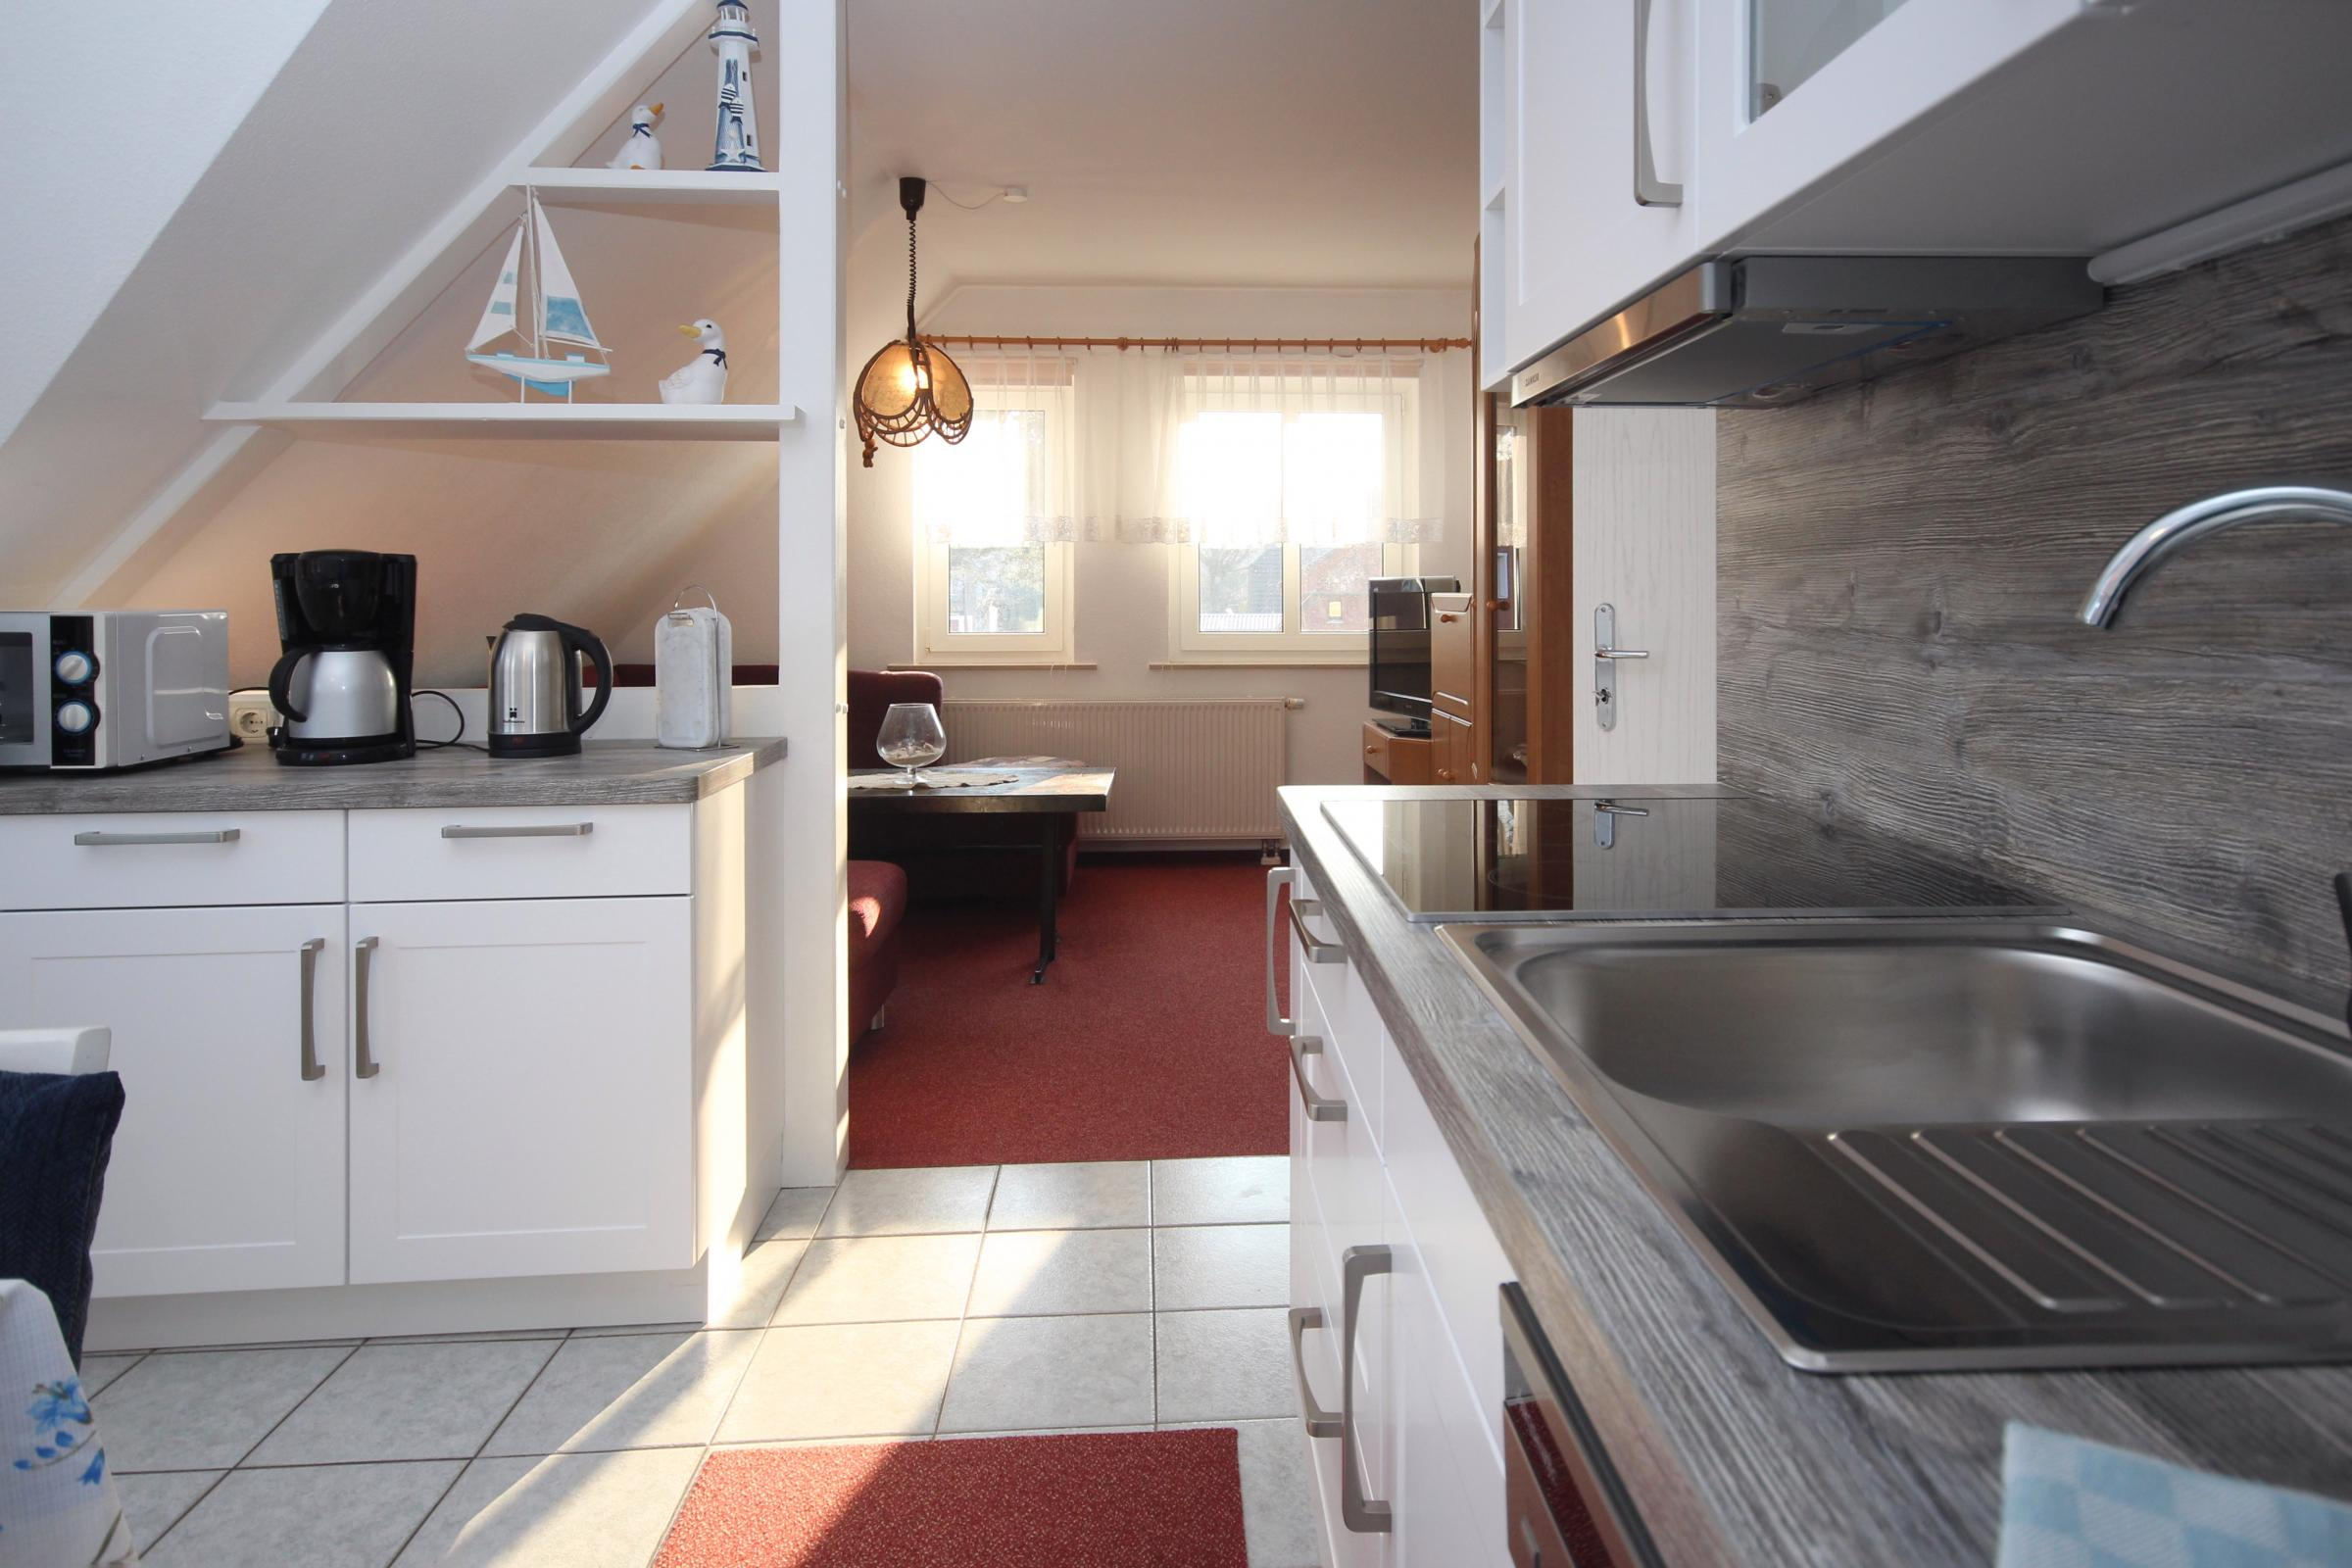 Küchenzeile kombiniert mit Wohnbereich